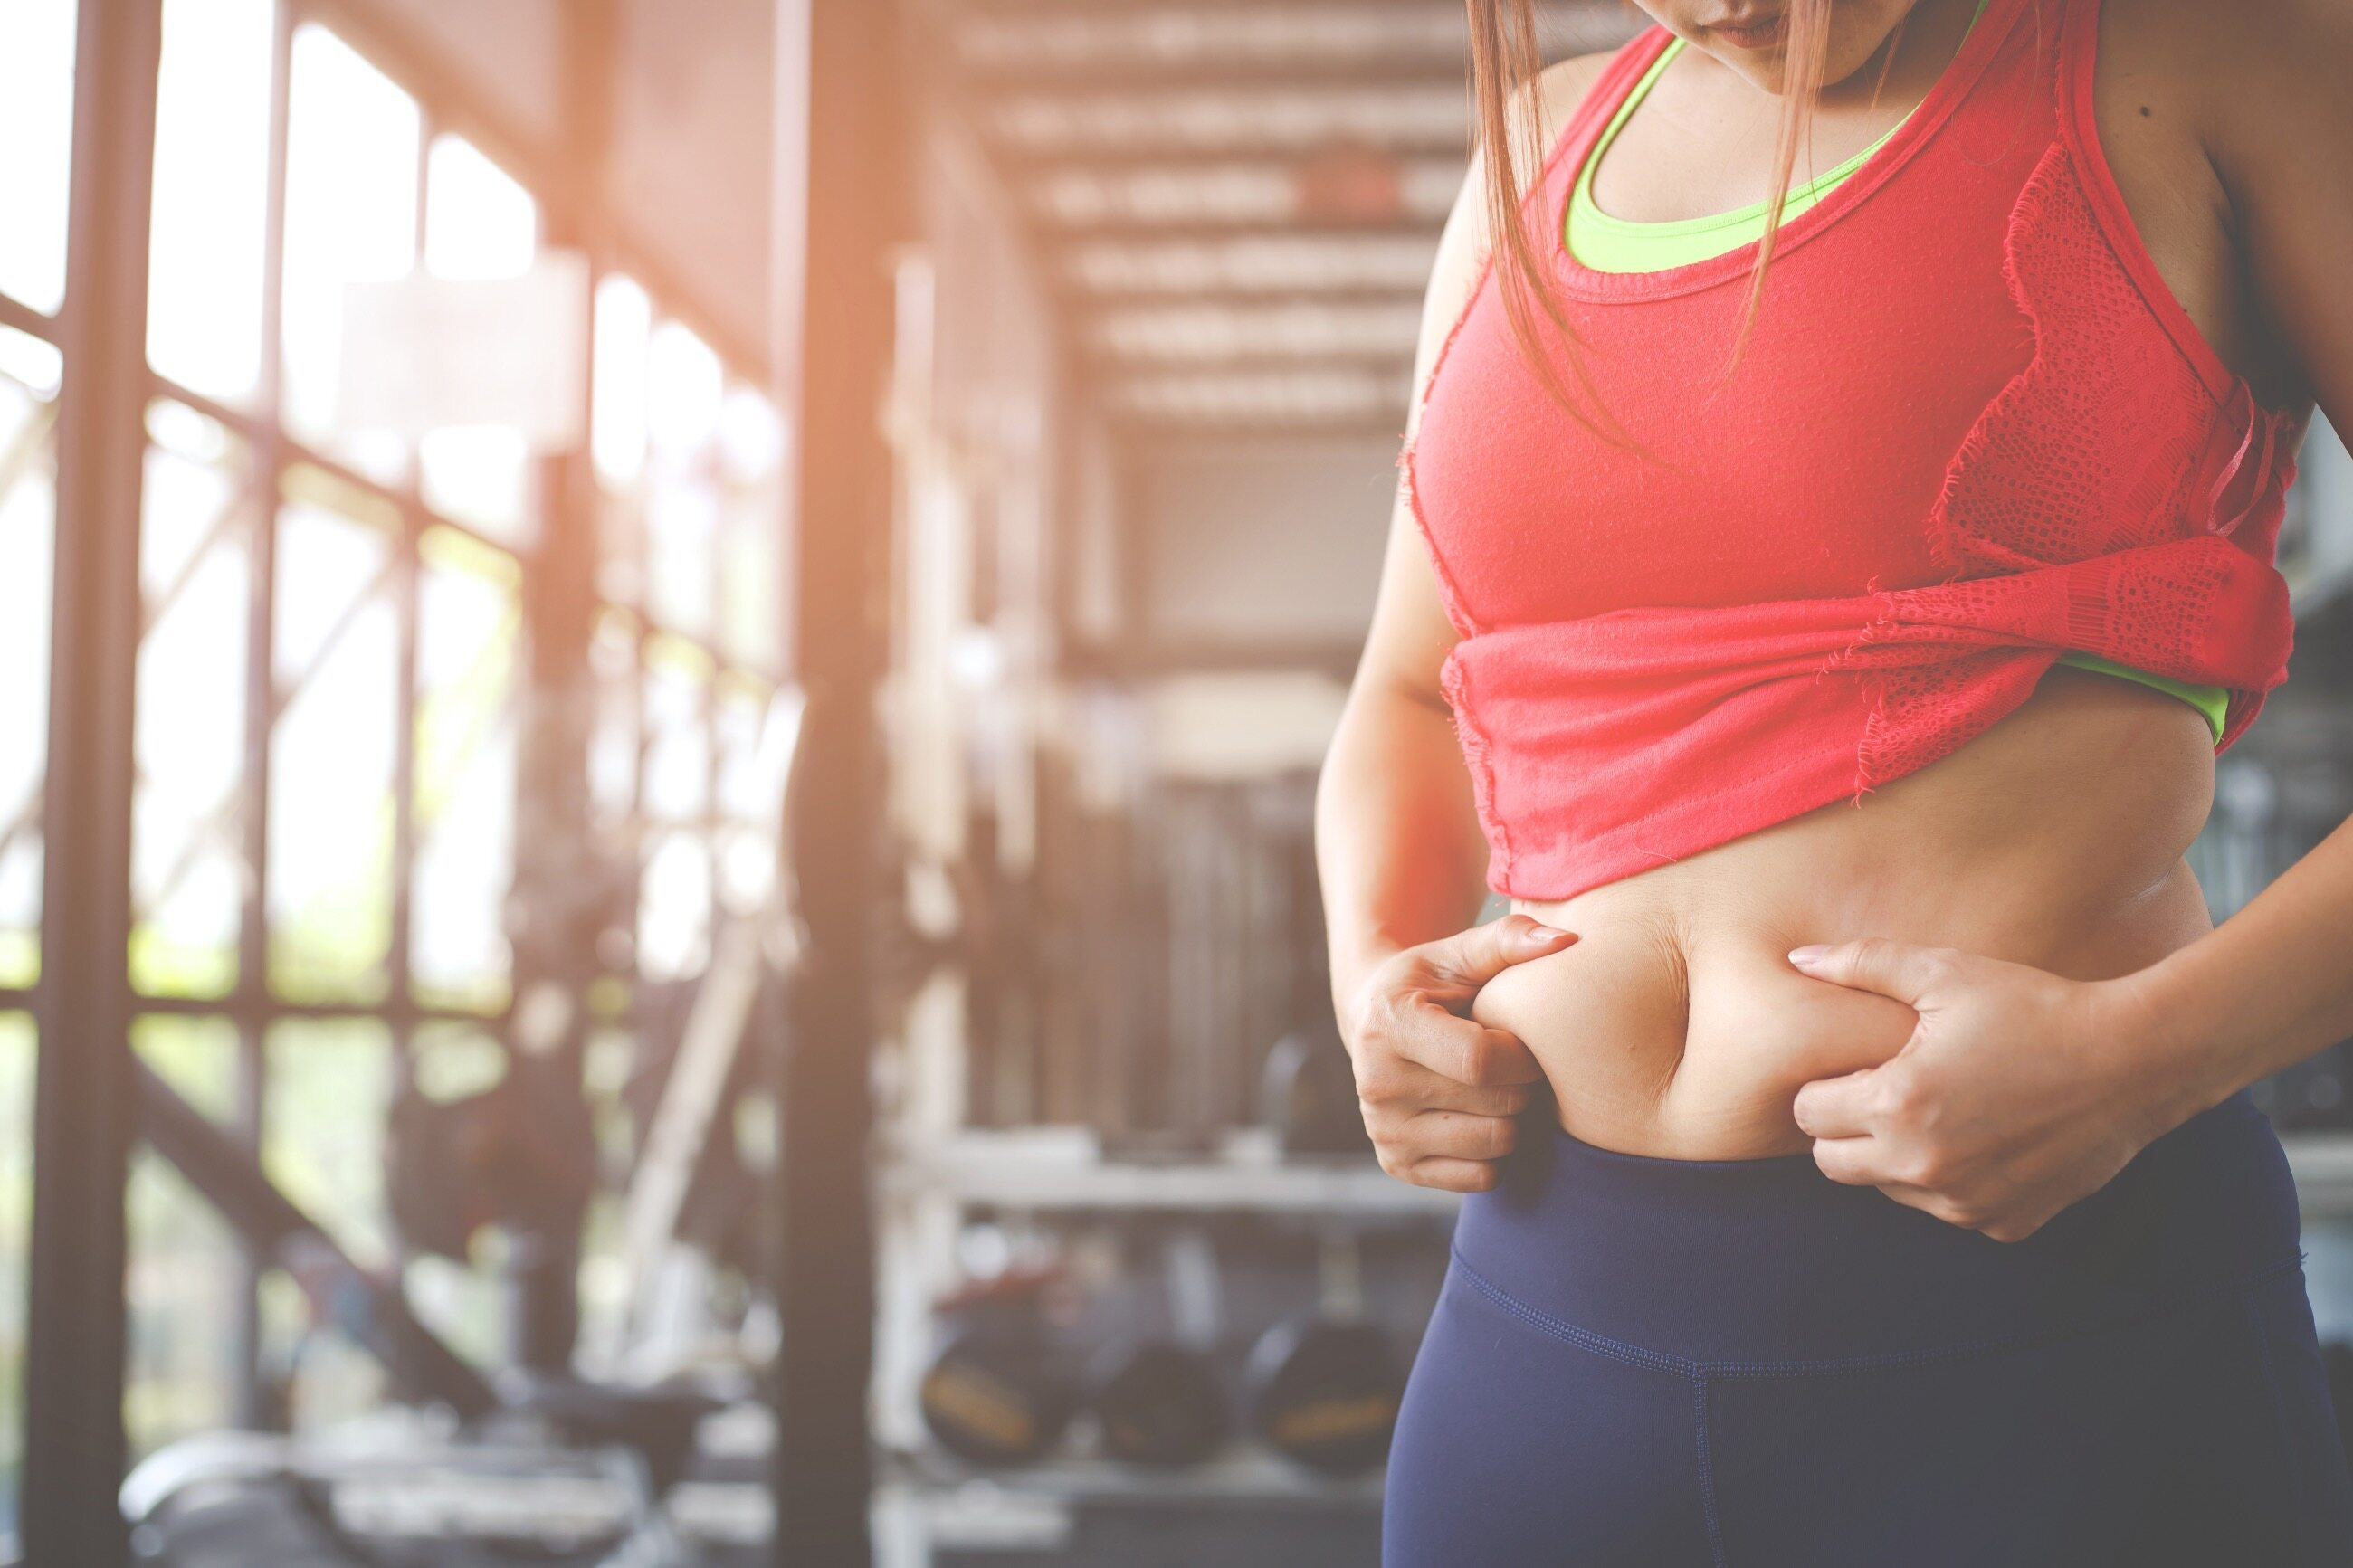 Tkanka tłuszczowa w obrębie brzucha